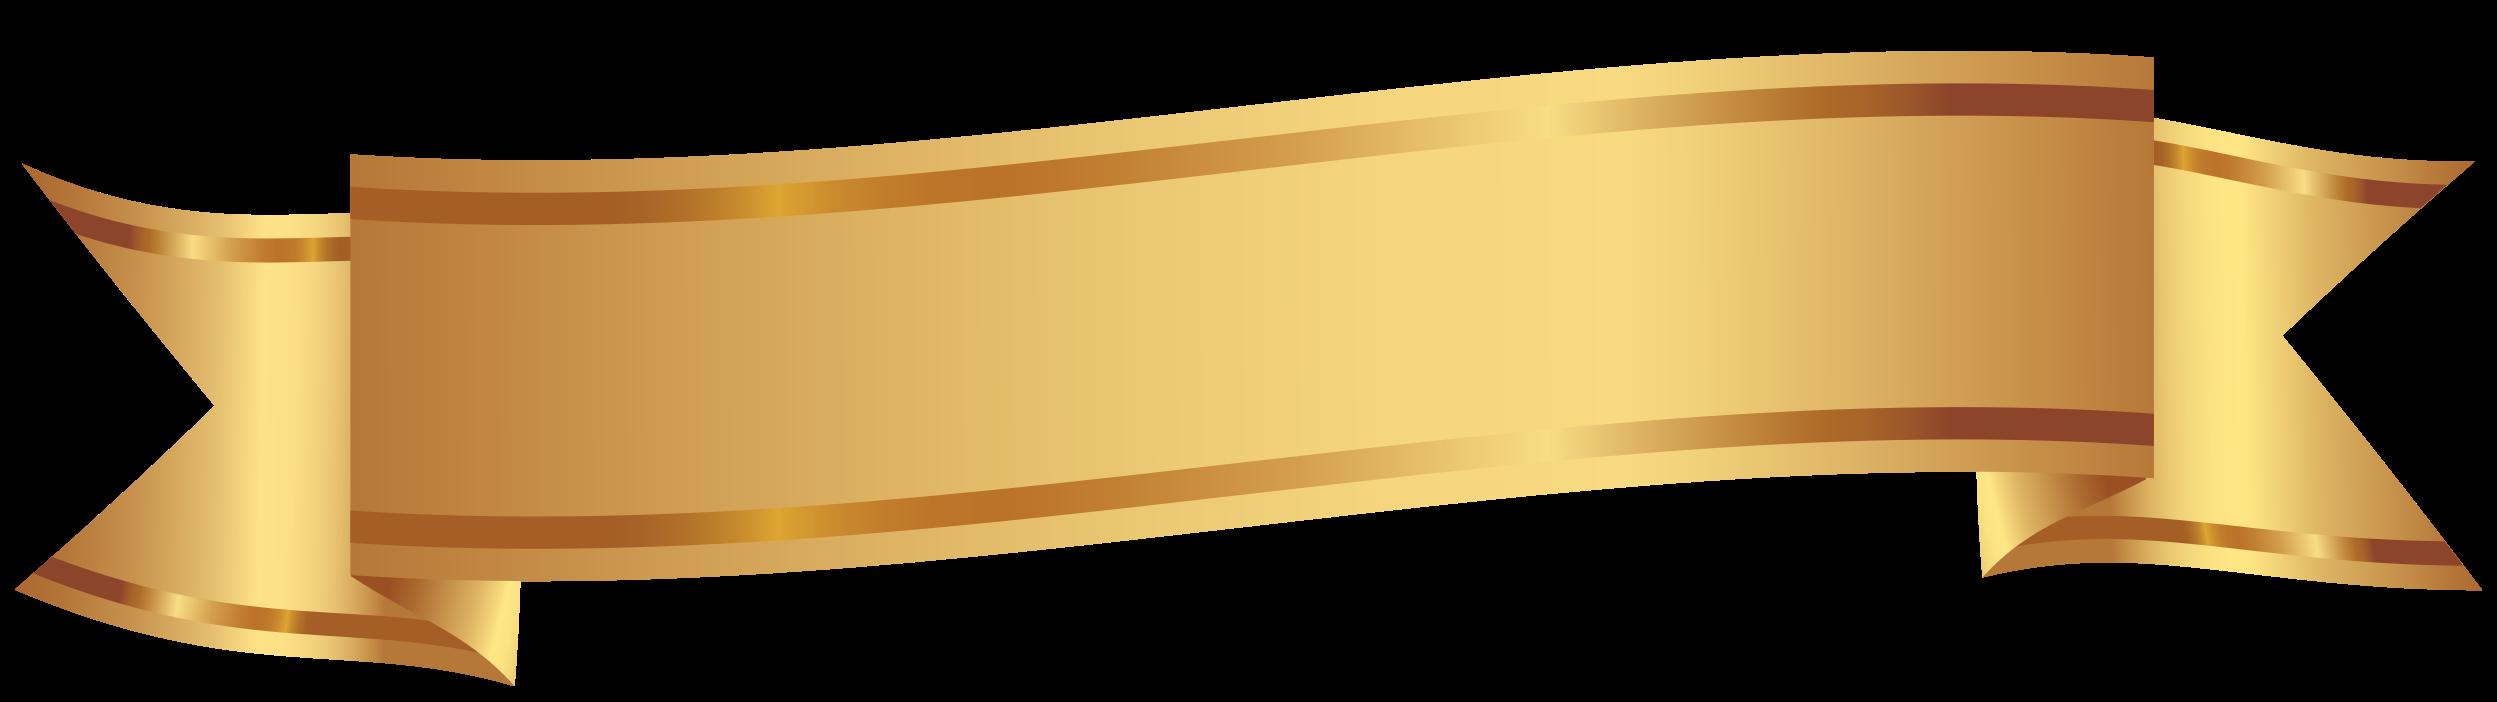 gouden decoratieve banner png